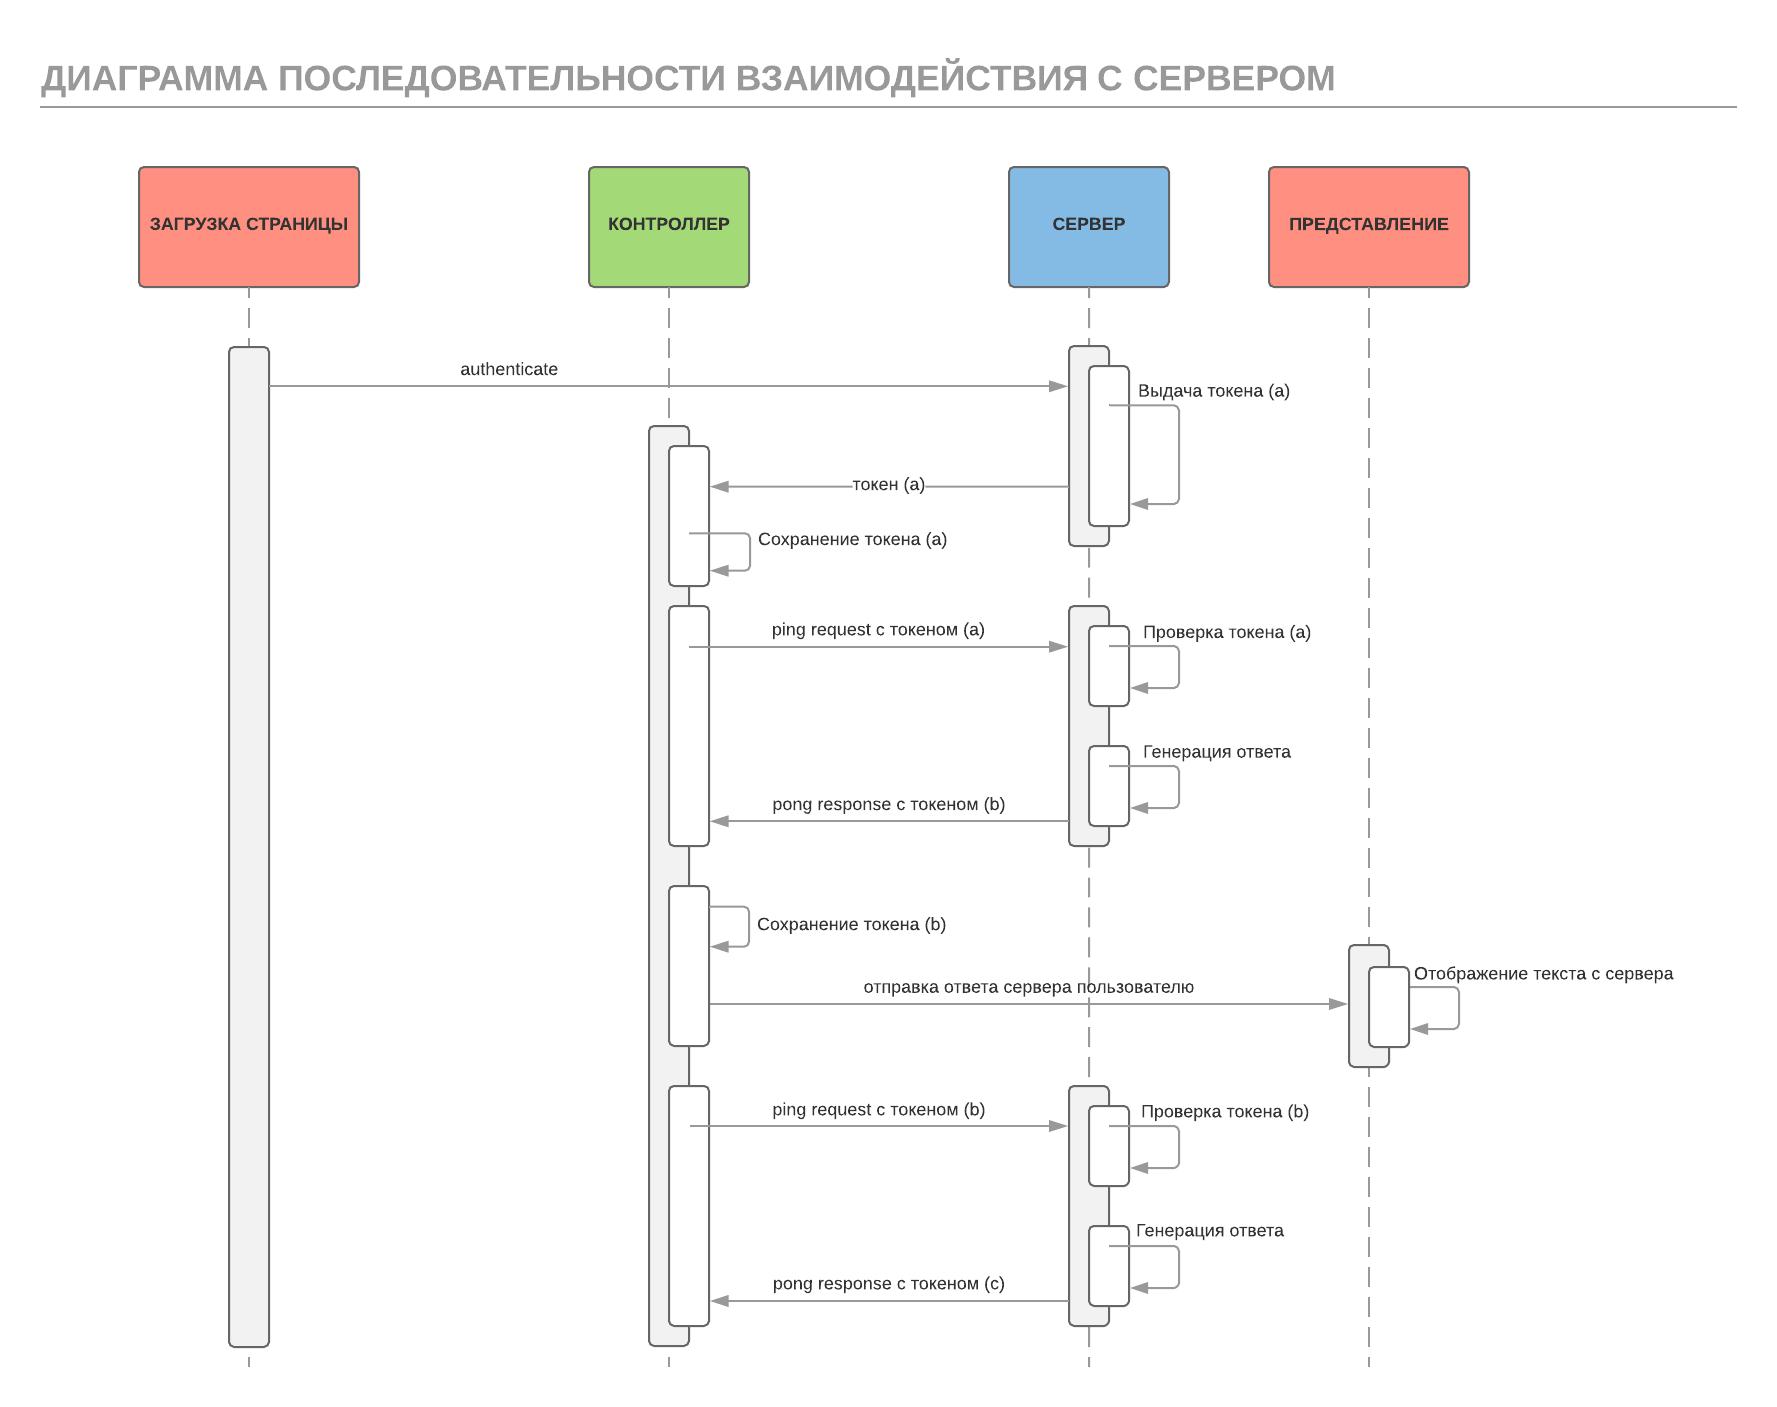 Диаграмма последовательности взаимодействия с сервером